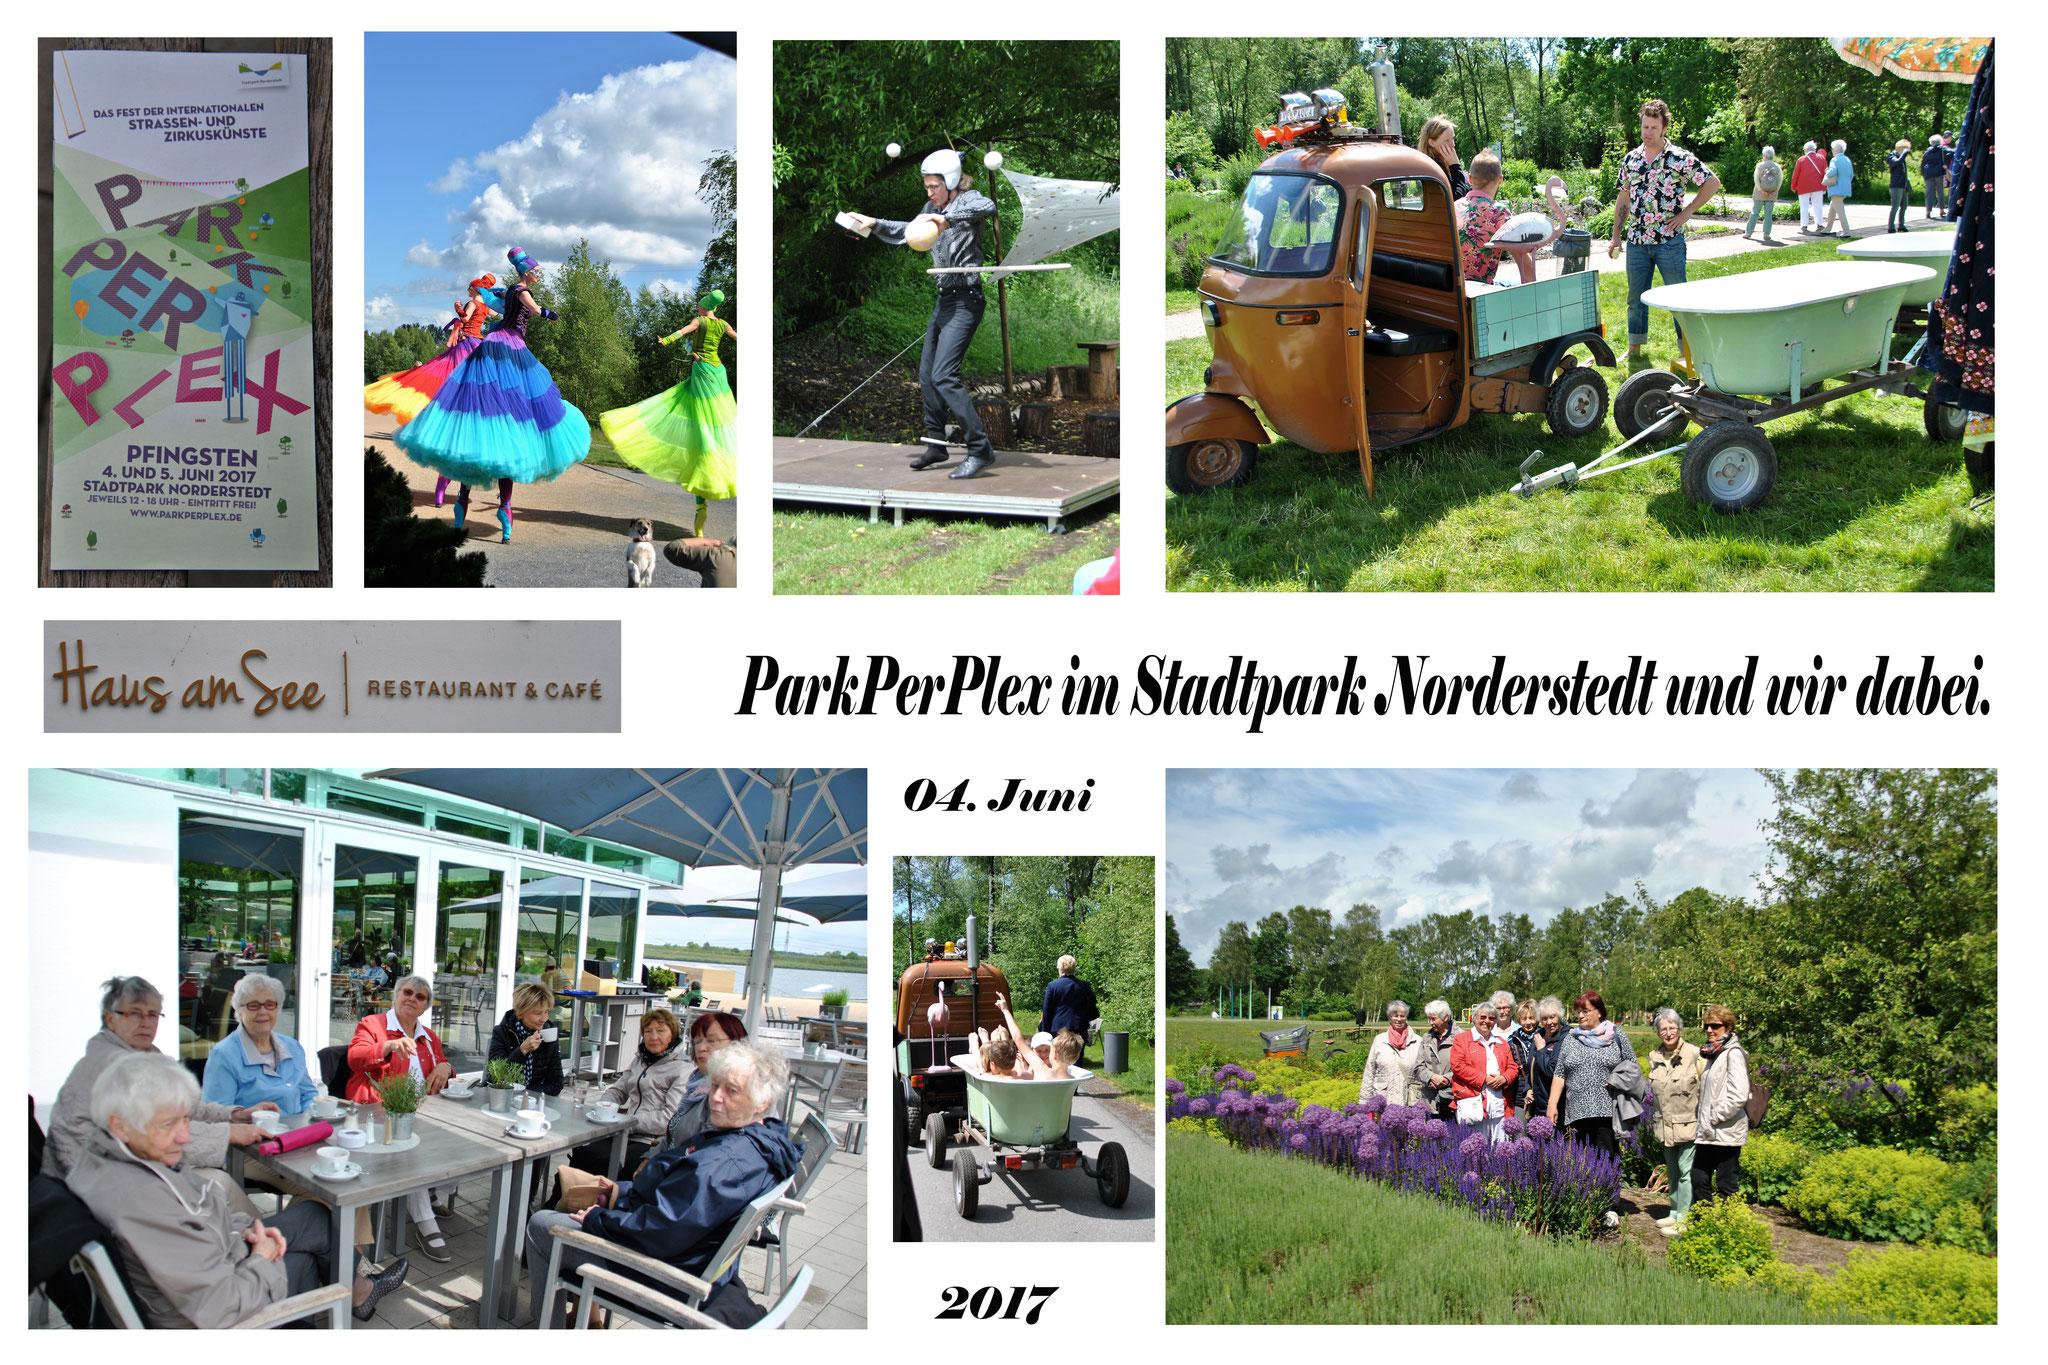 NeNo/Glashütte 2: ParkPerPlex - Norderstedt, 04.06.2017 (Fotos: Tom)